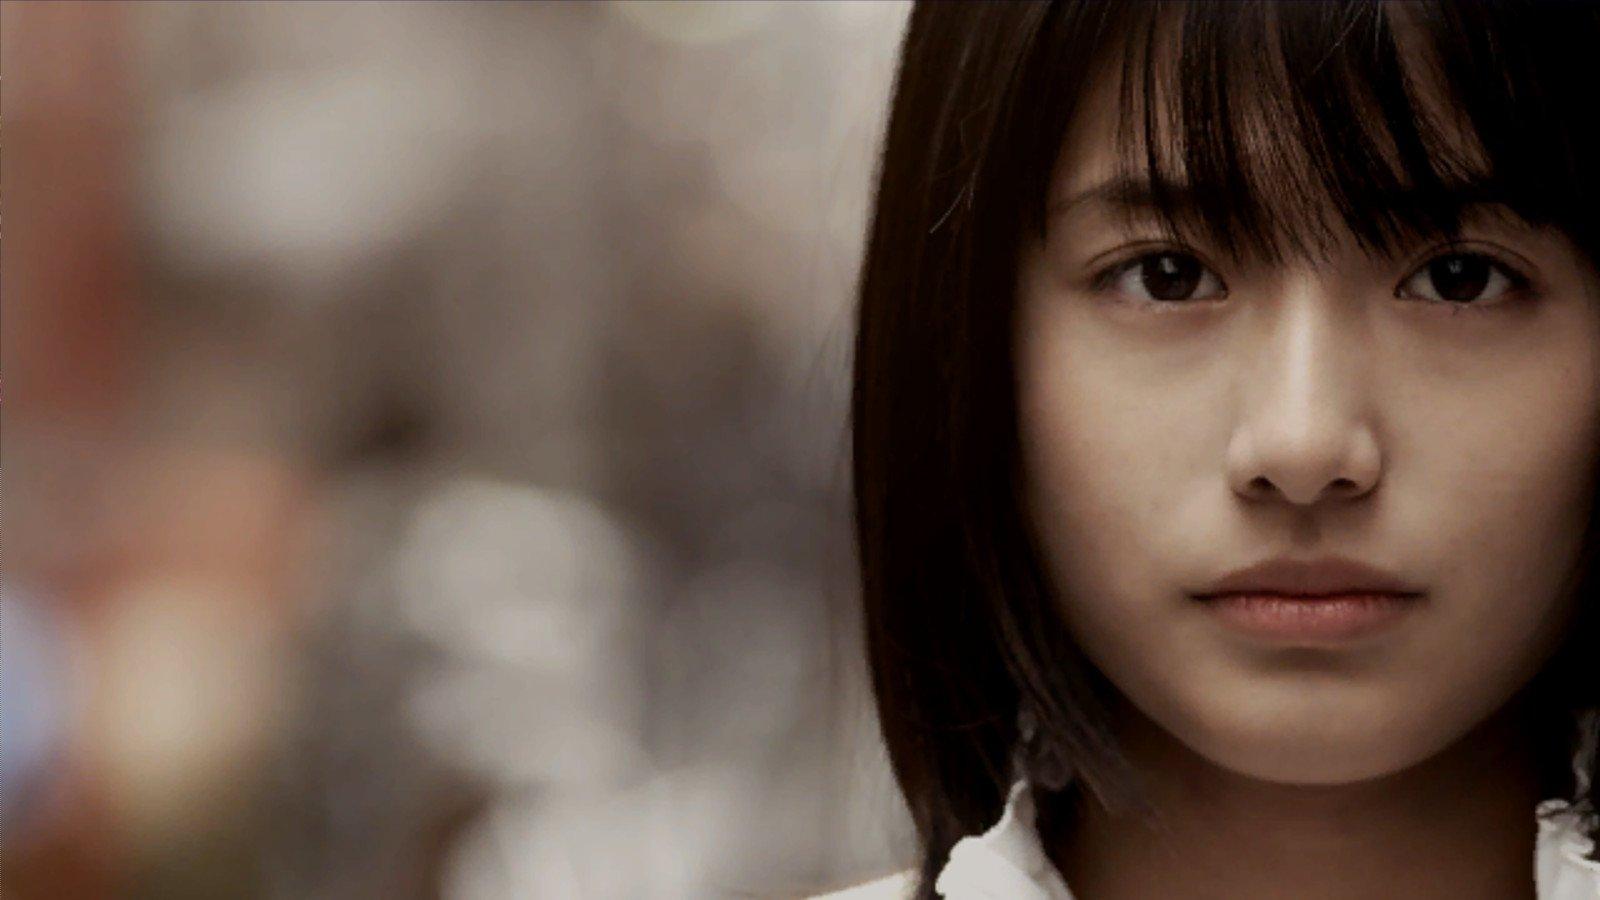 20100420052317 - 市原隼人の元カノは同級生!別れた流れが悲しすぎる…